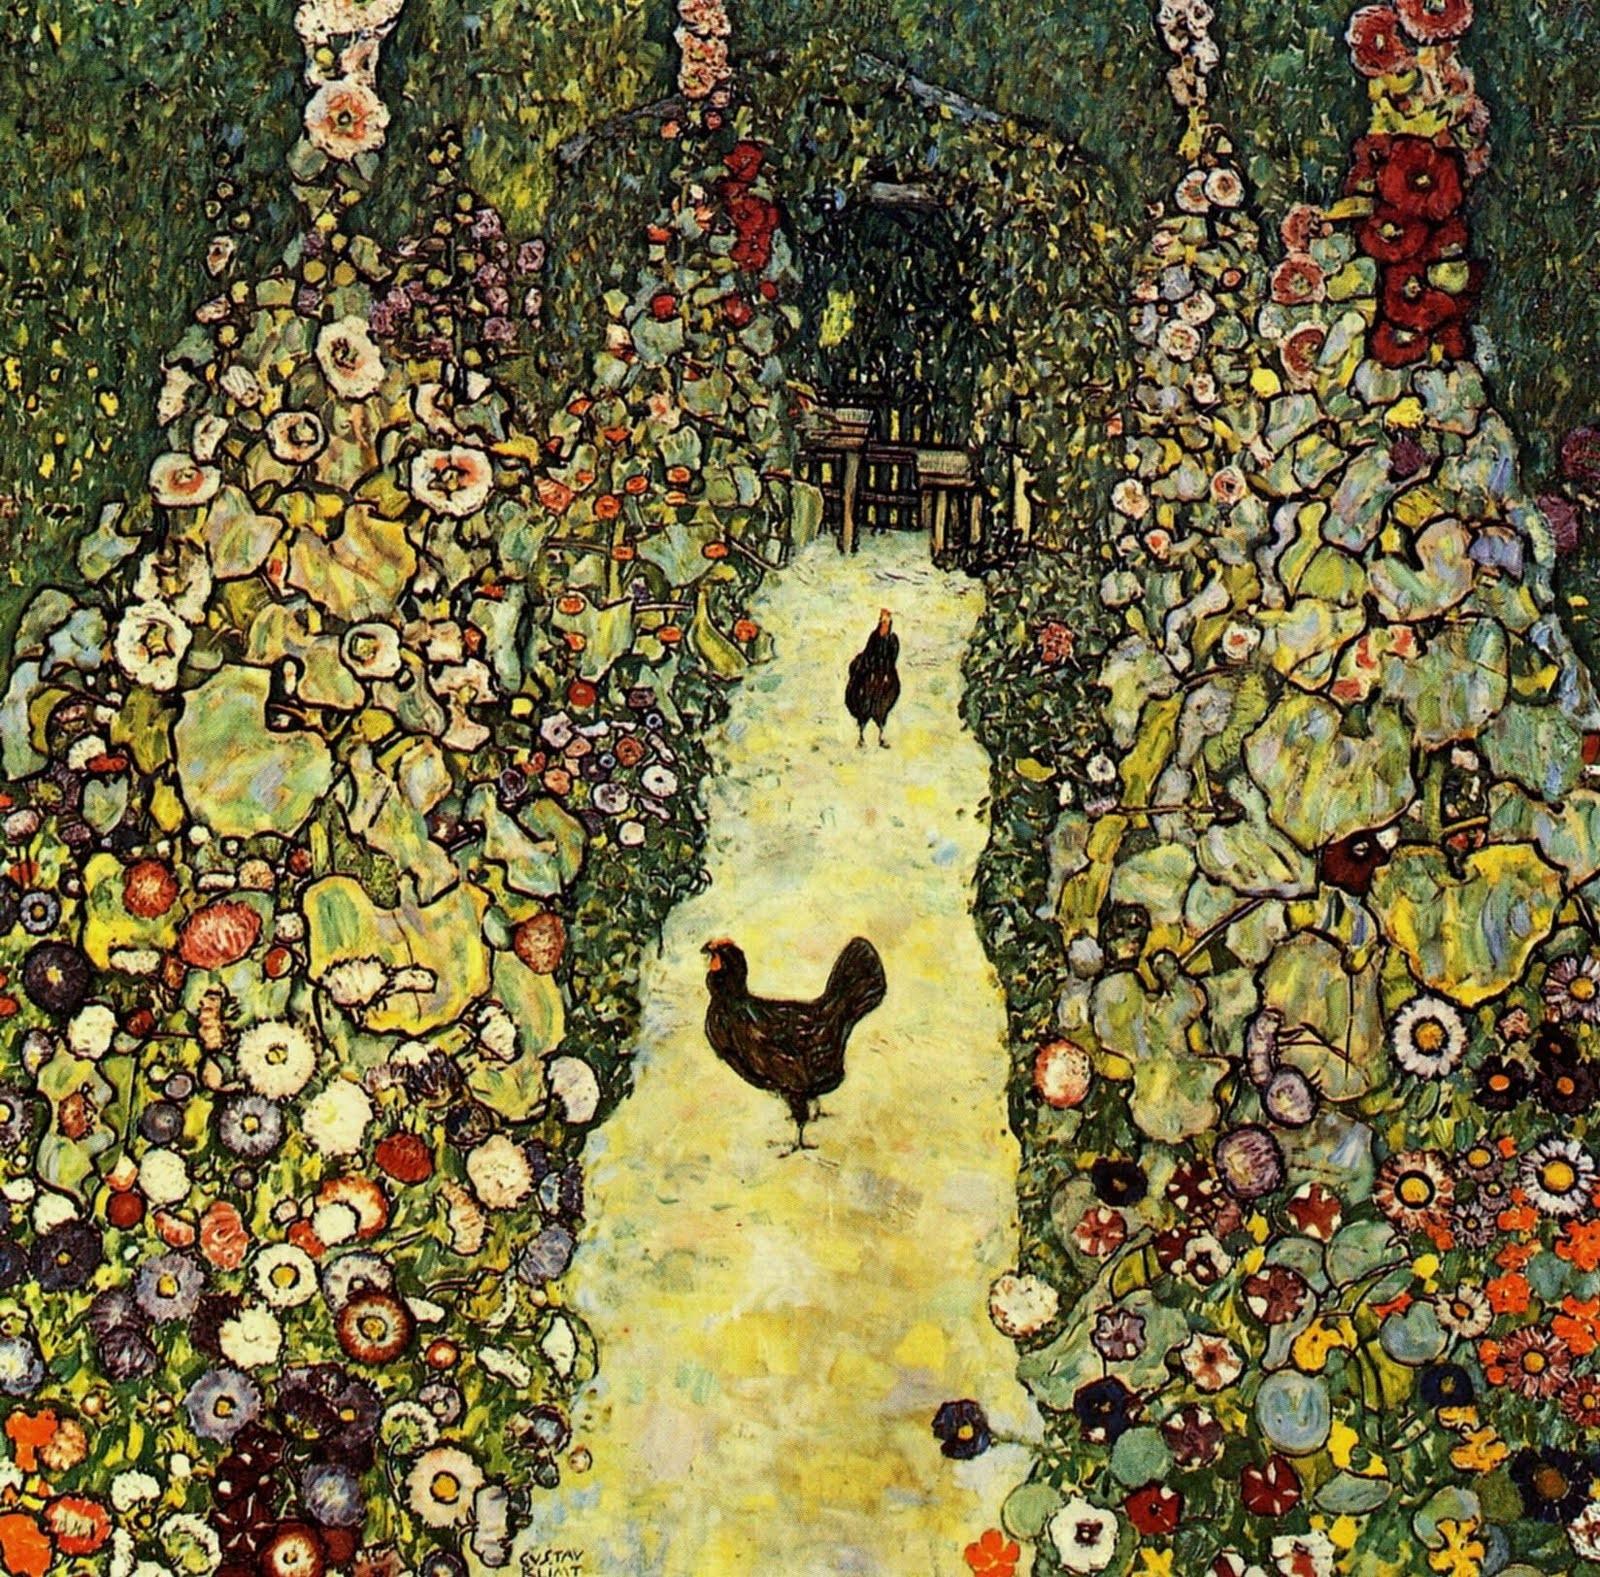 Garden path with Chickens, Gustav Klimt